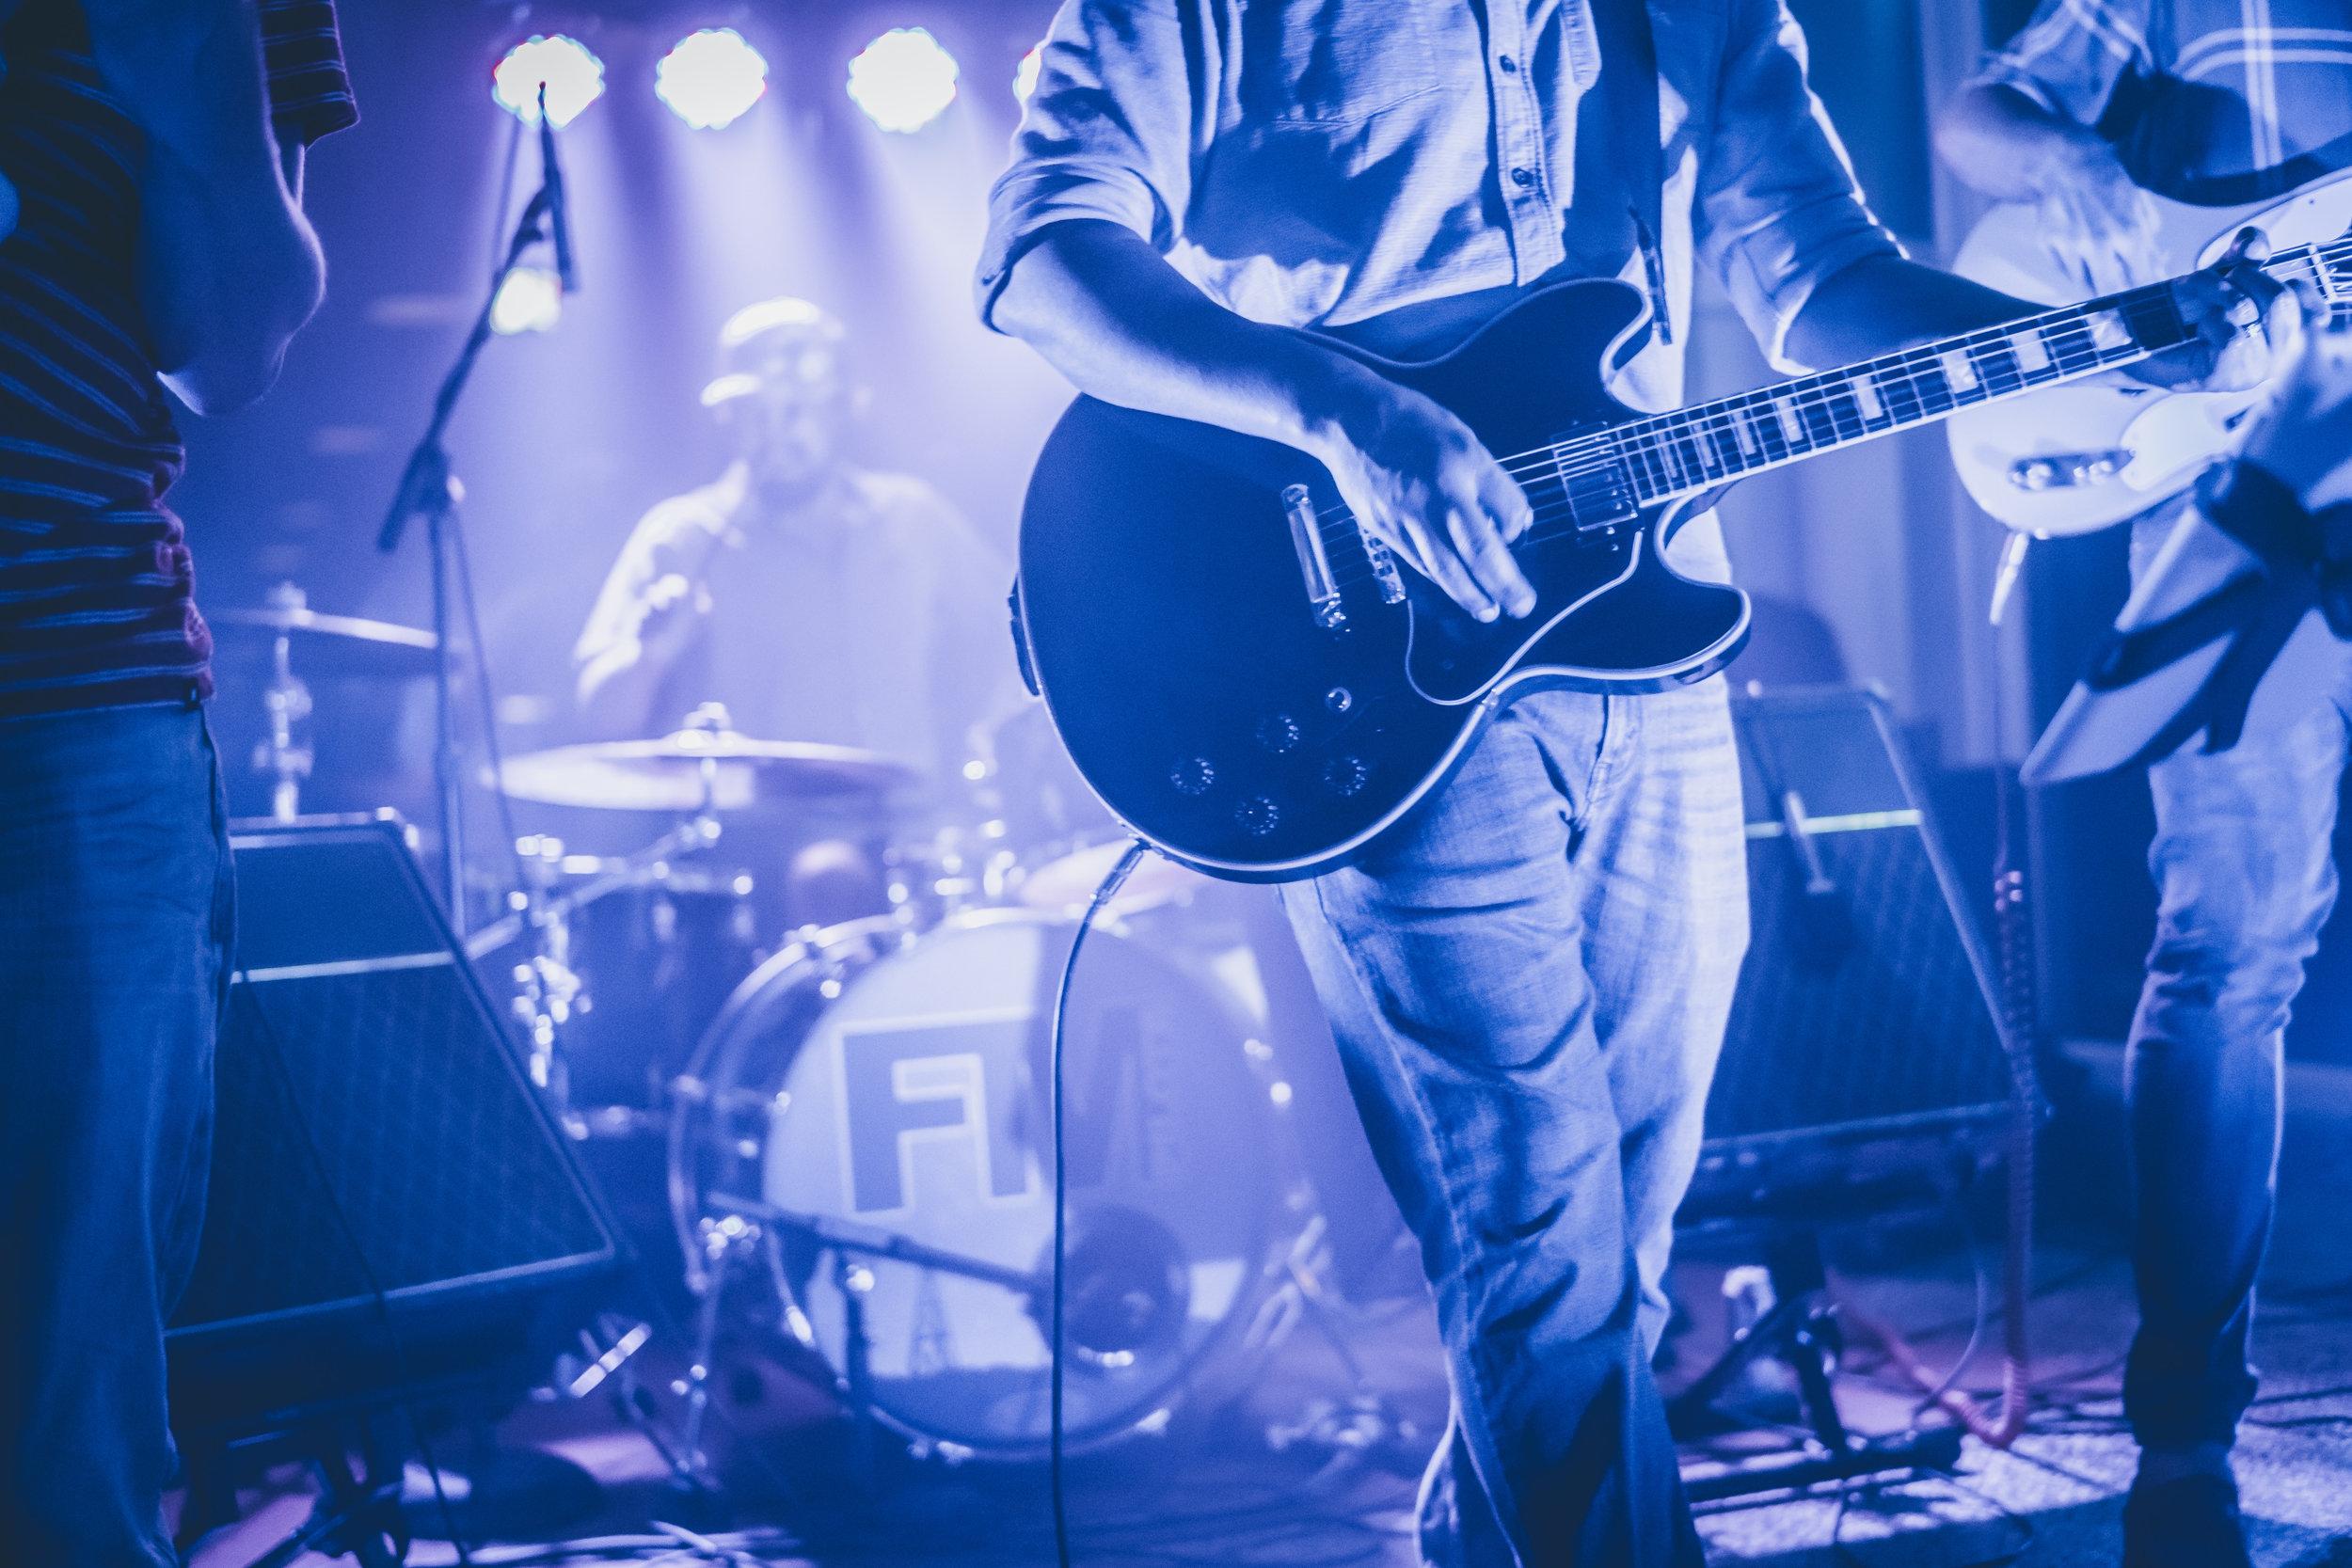 FM Pilots - Tulsa Rock Band - at Inner Circle Vodka Bar 090916-7.jpg